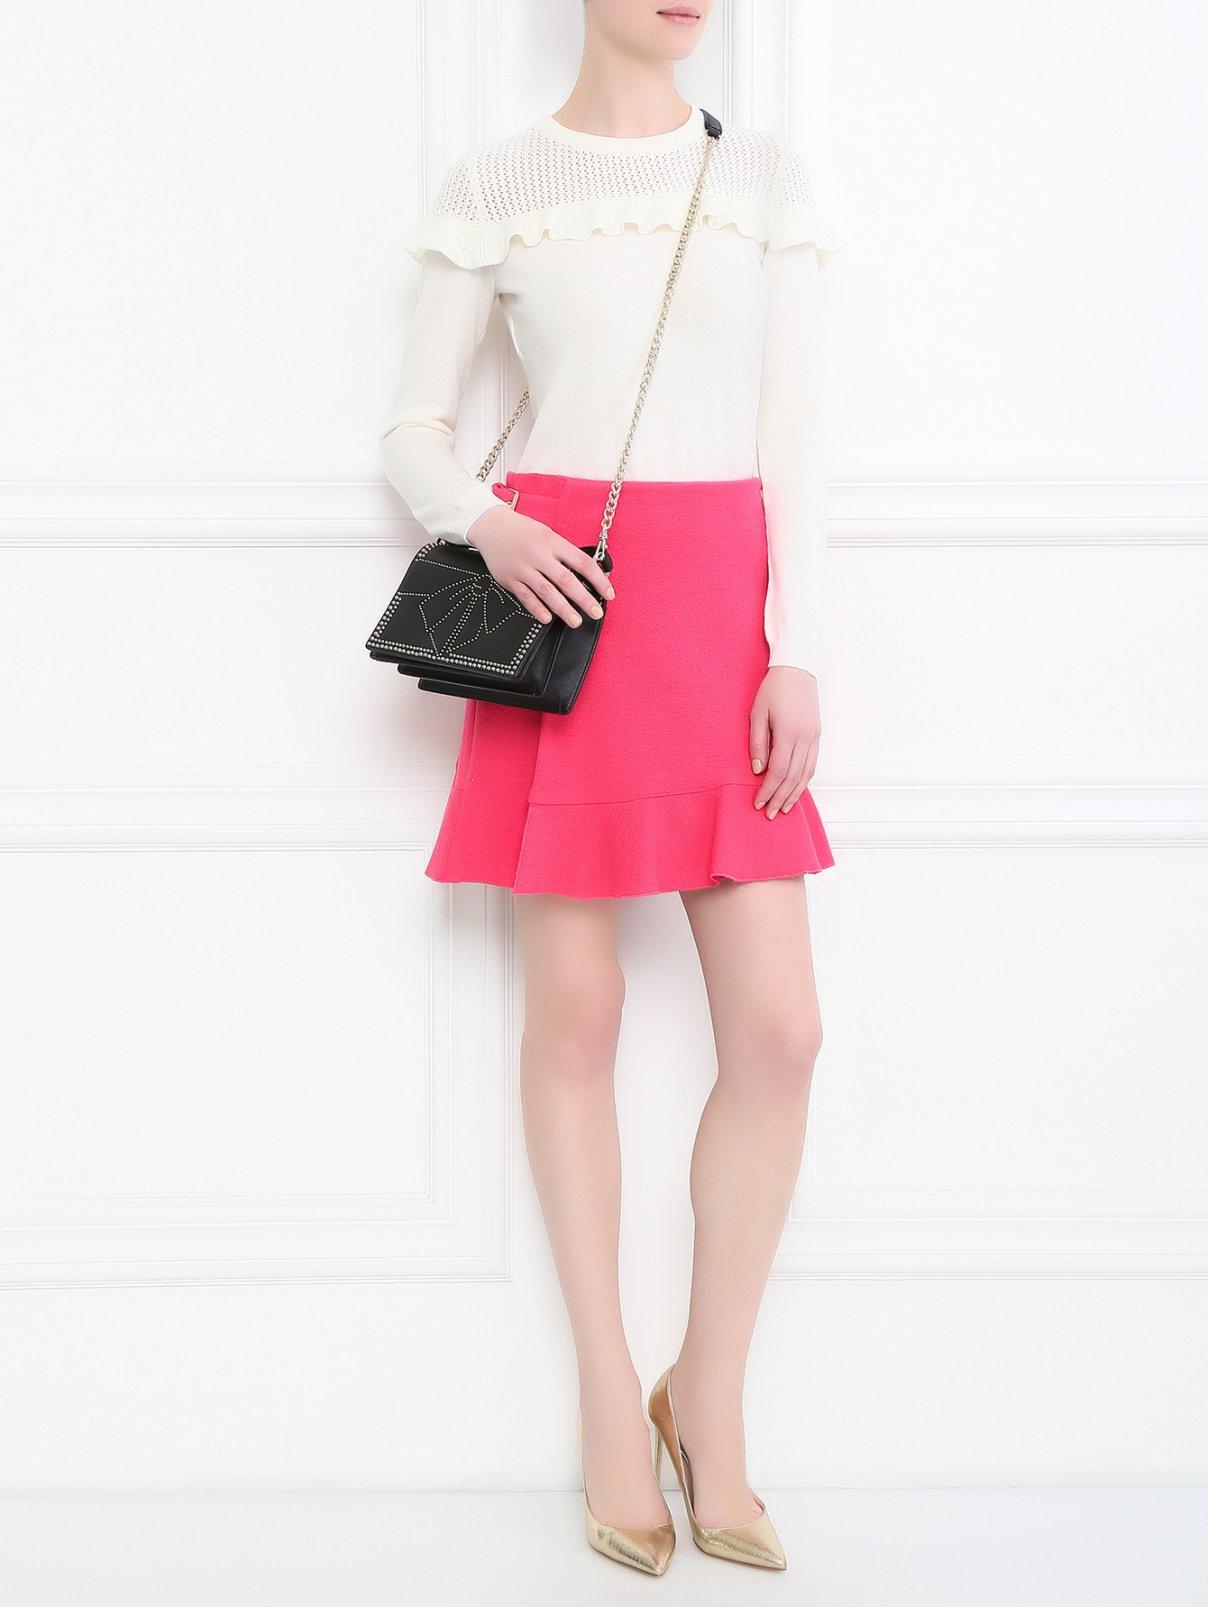 Юбка-мини из шерсти Moschino Boutique  –  Модель Общий вид  – Цвет:  Розовый